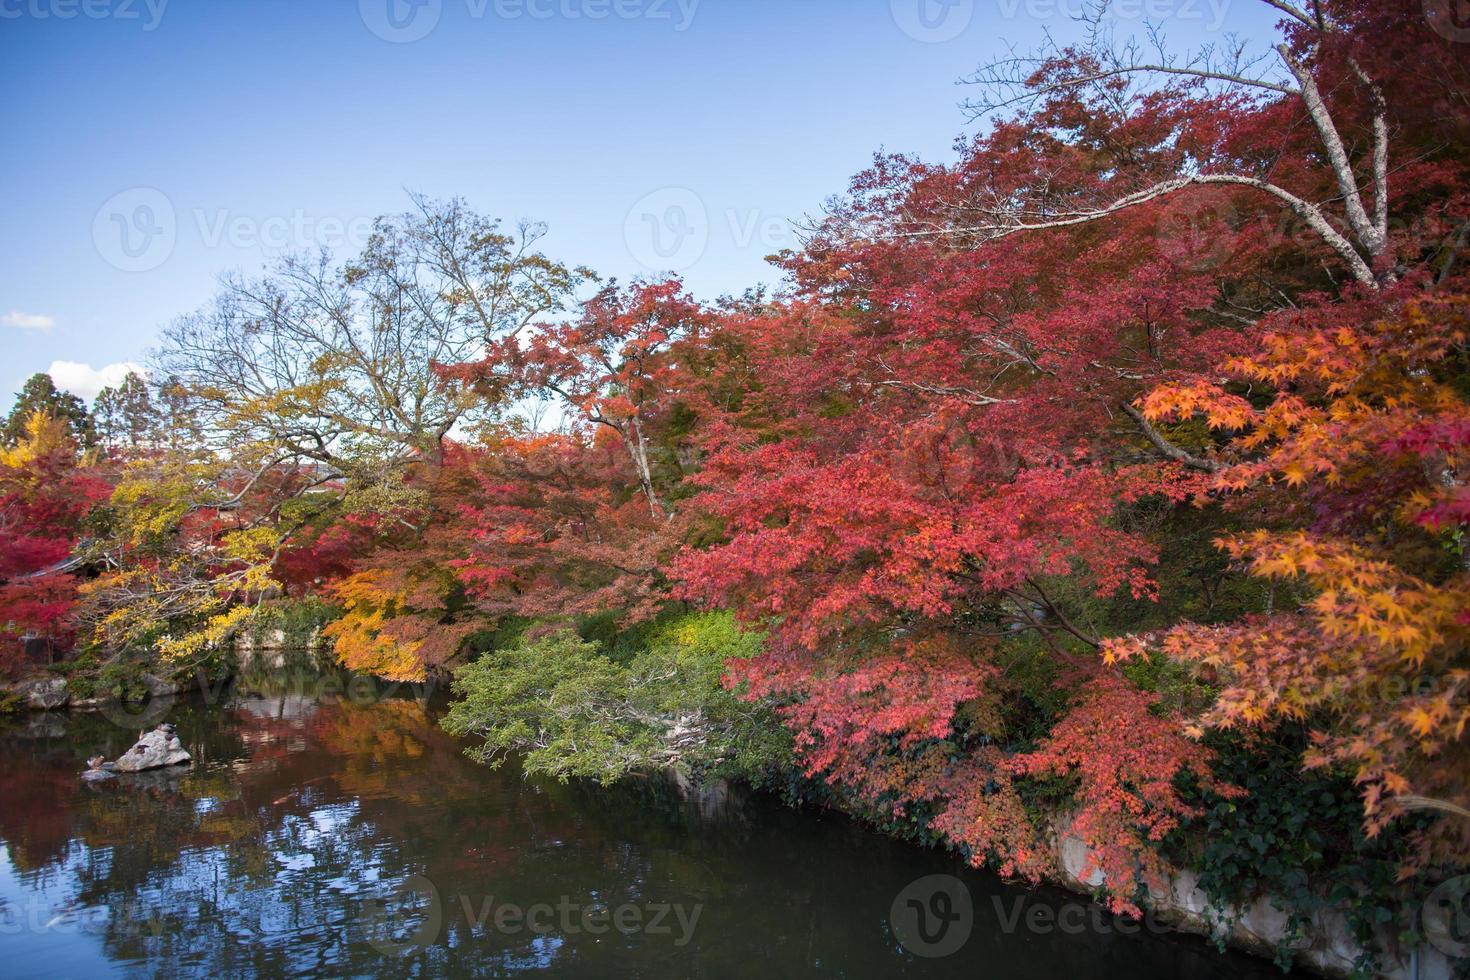 Herbstbäume in der Nähe von Wasser foto